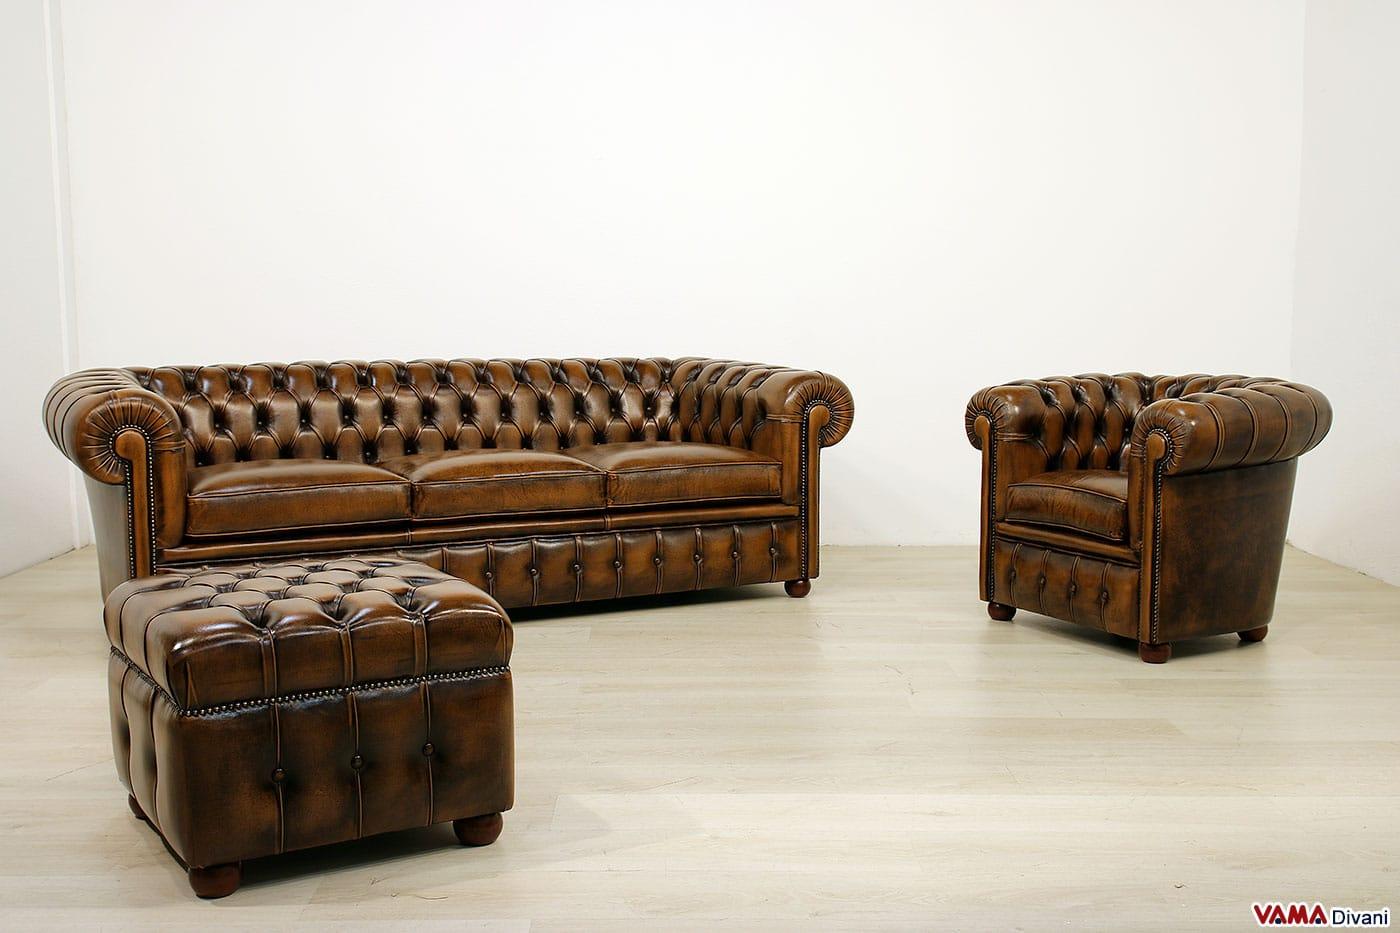 Divano chesterfield vintage con chiodi e piedini alti - Devo buttare un divano ...